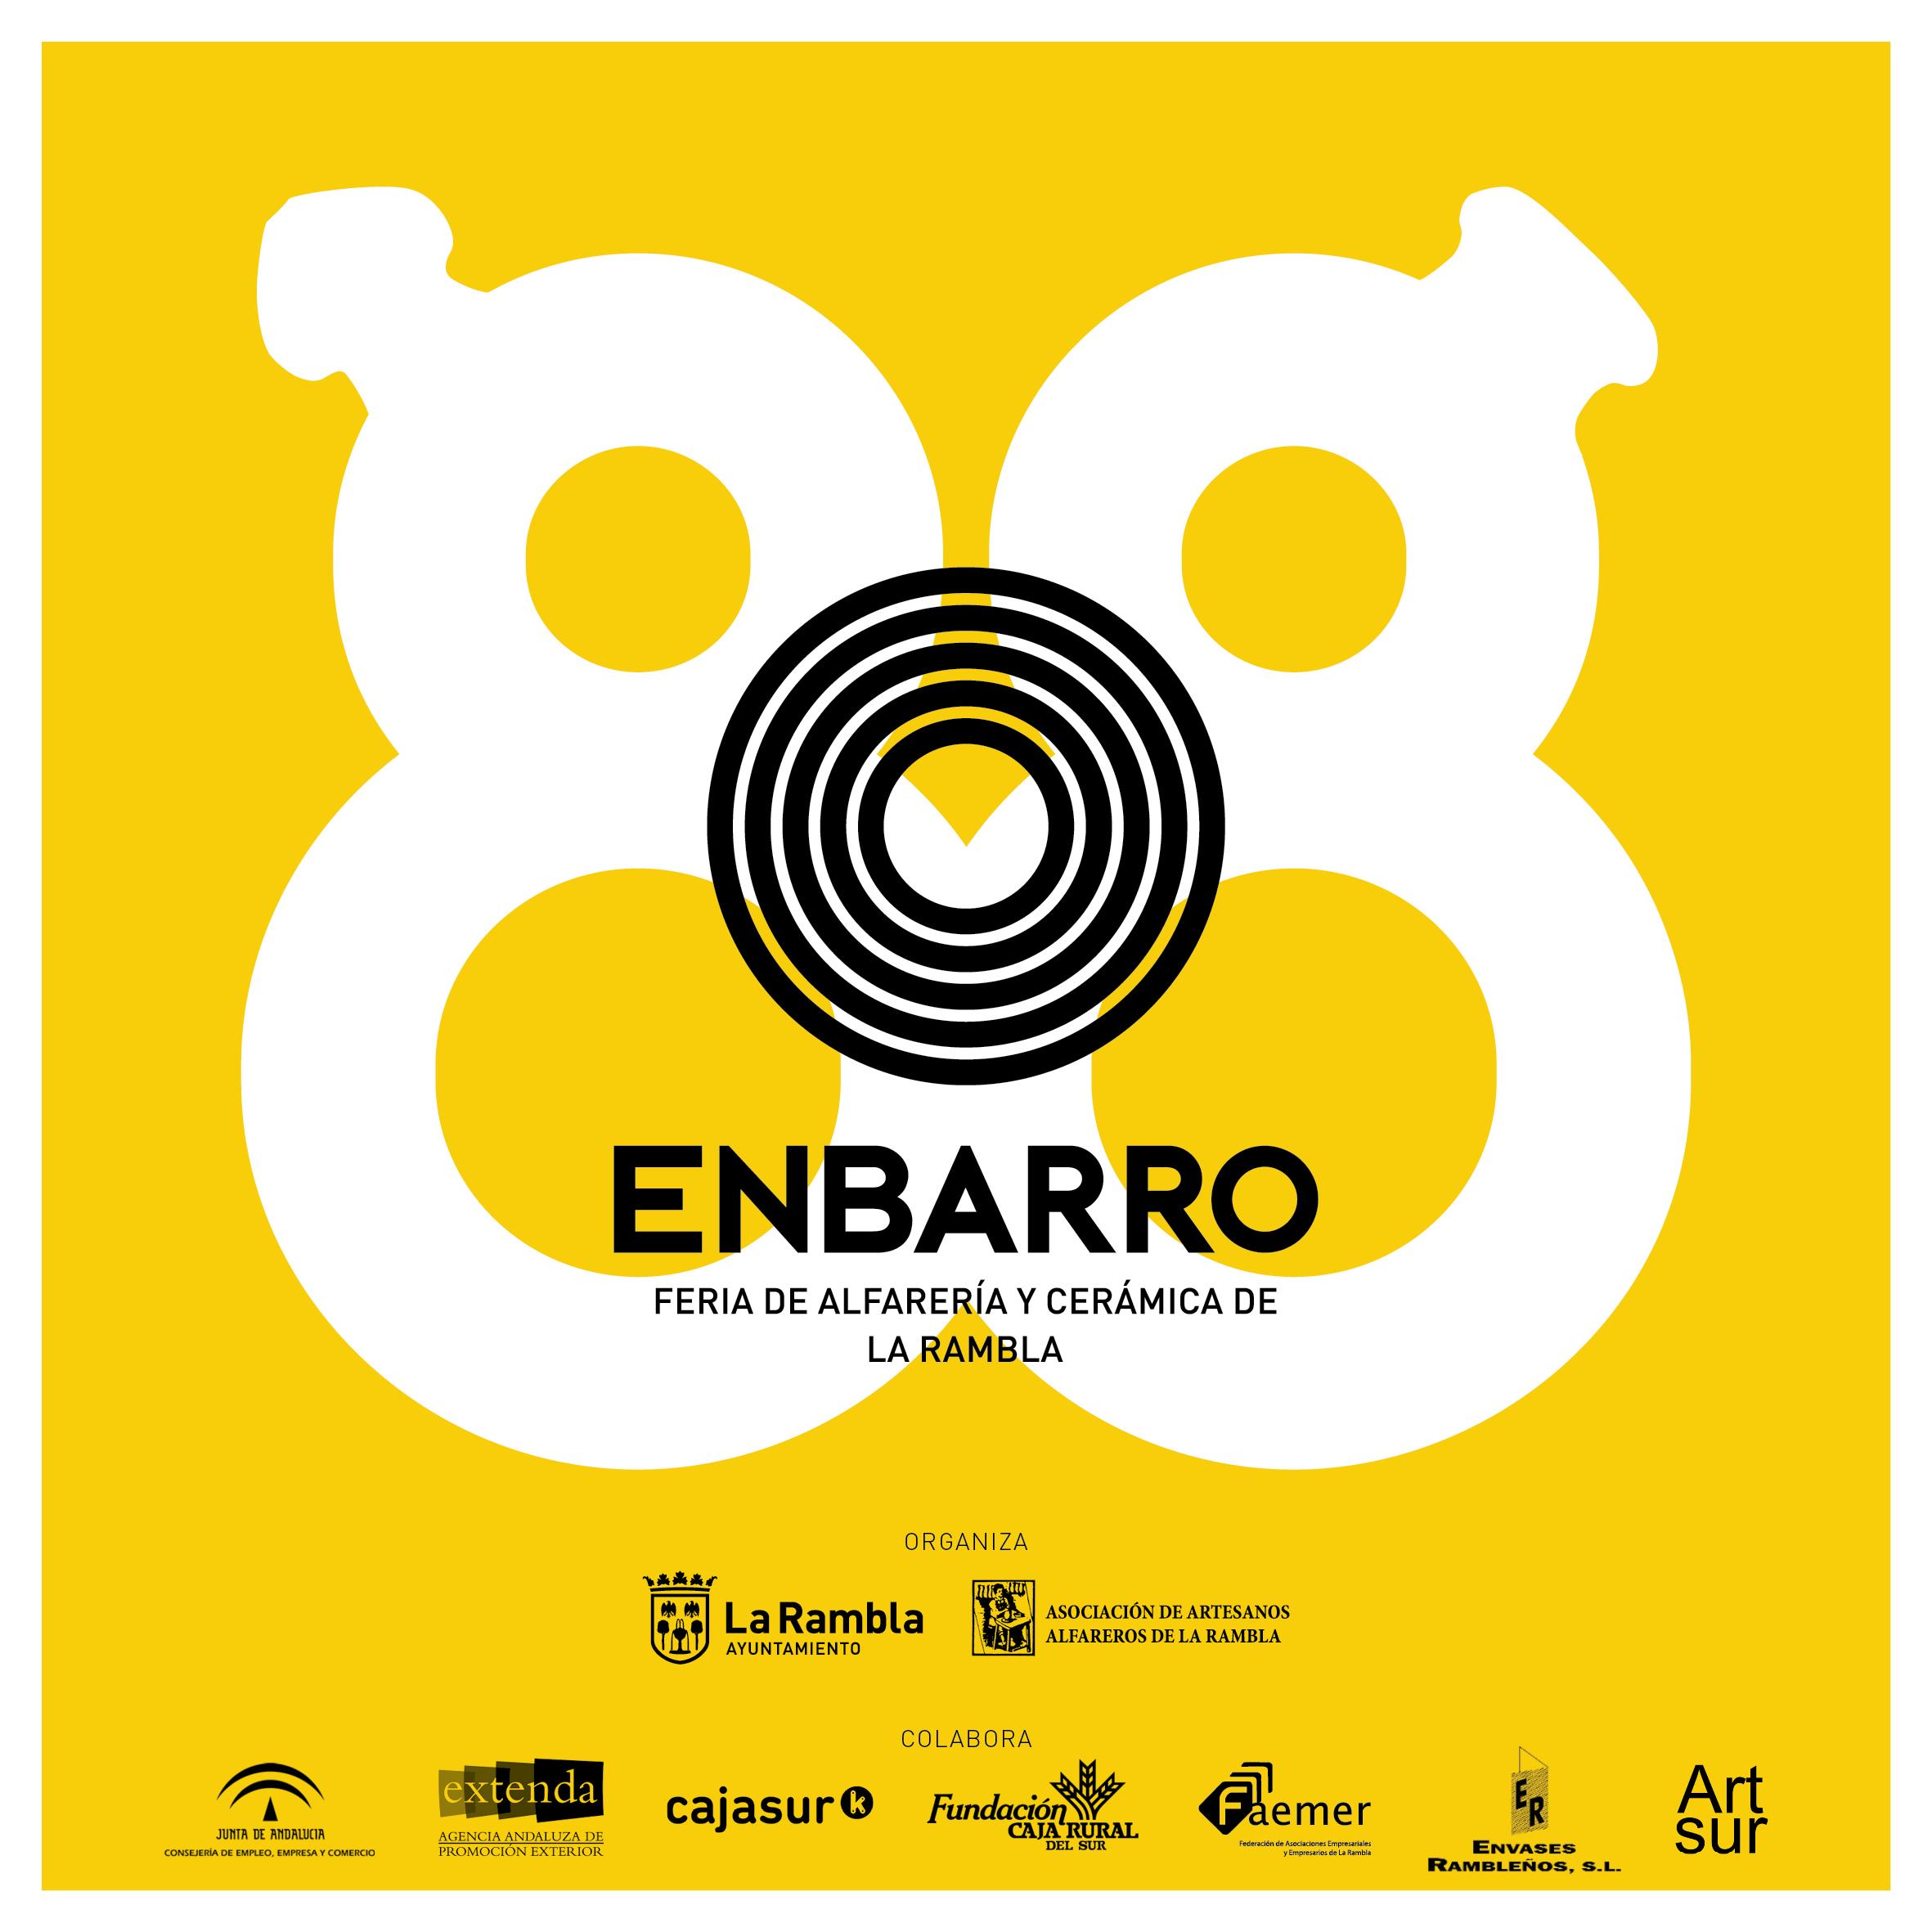 La Rambla – 31/05 al 3/6: EN BARRO Feria de Alfarería y Cerámica